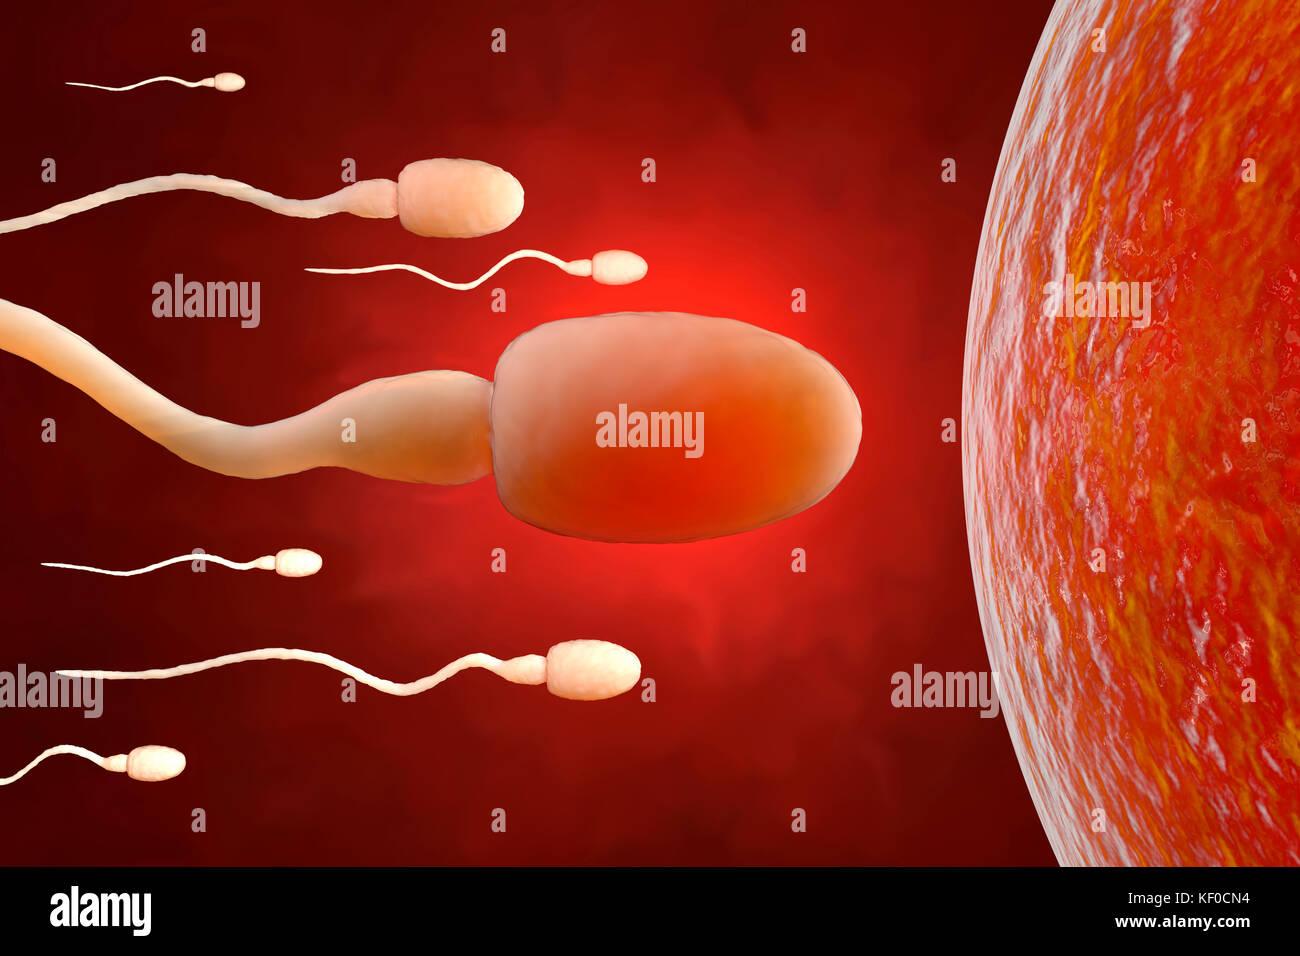 Lo sperma cercando di raggiungere una cellula uovo, rendering 3D Immagini Stock